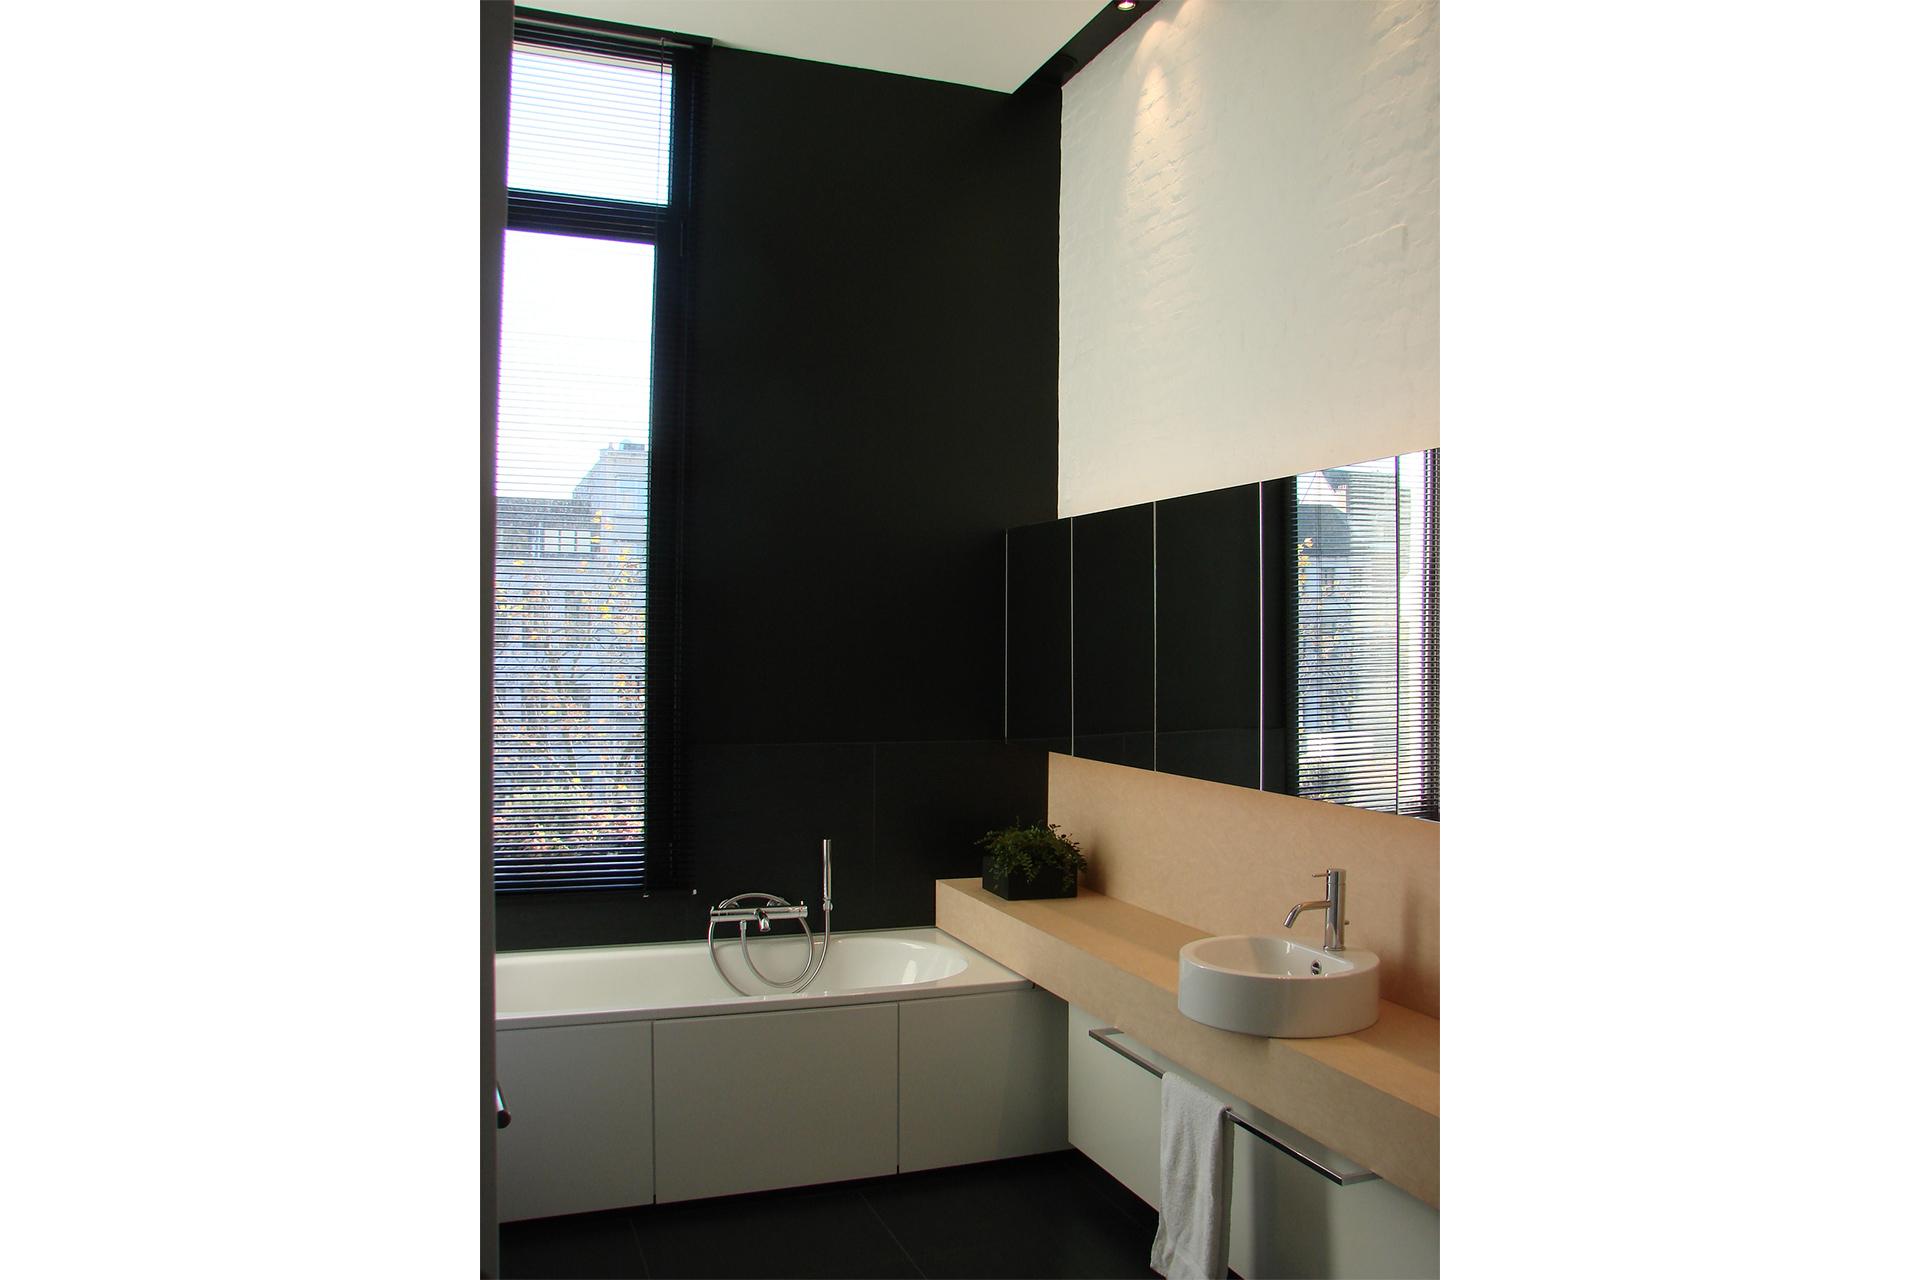 Moderne Badkamer Spiegel ~ klassiek interieur lambrisering ...